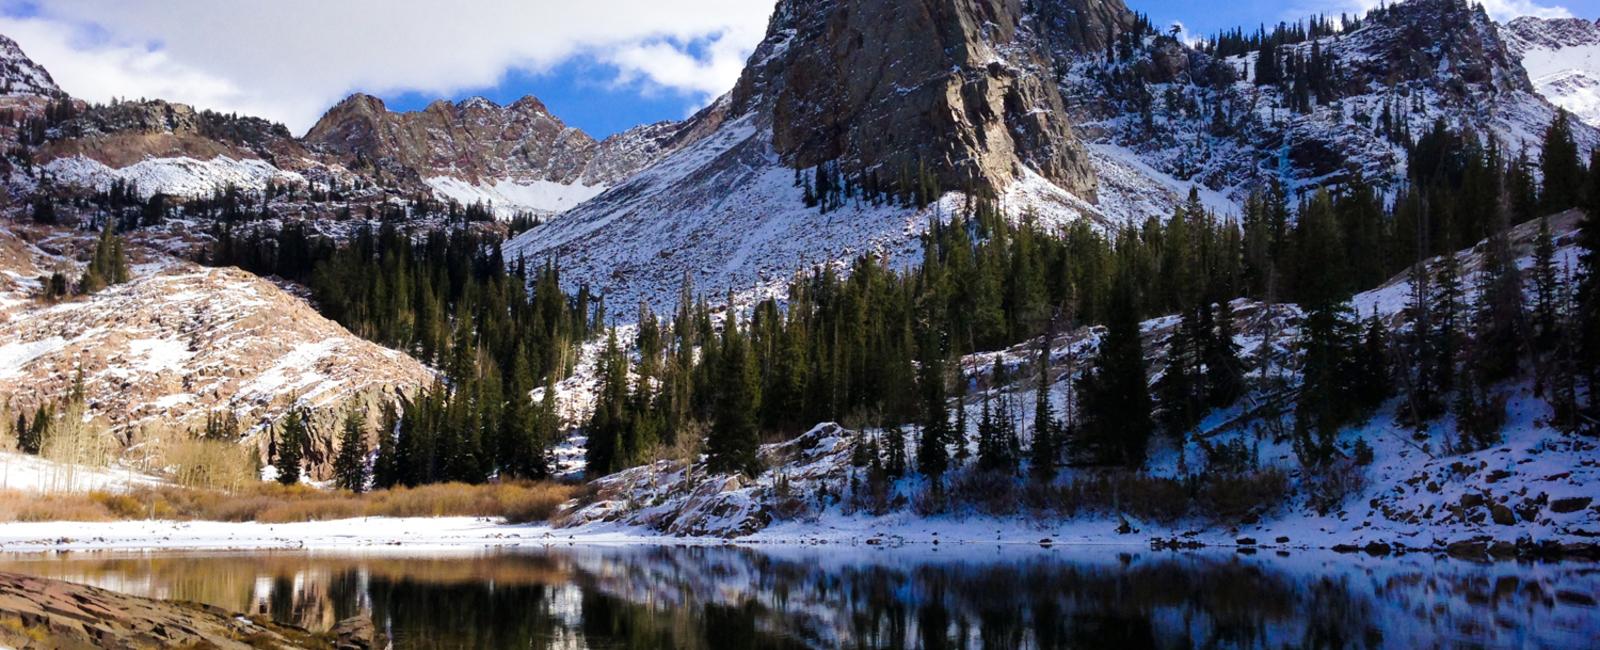 6 Spectacular Fall Hikes Near Salt Lake City, Utah